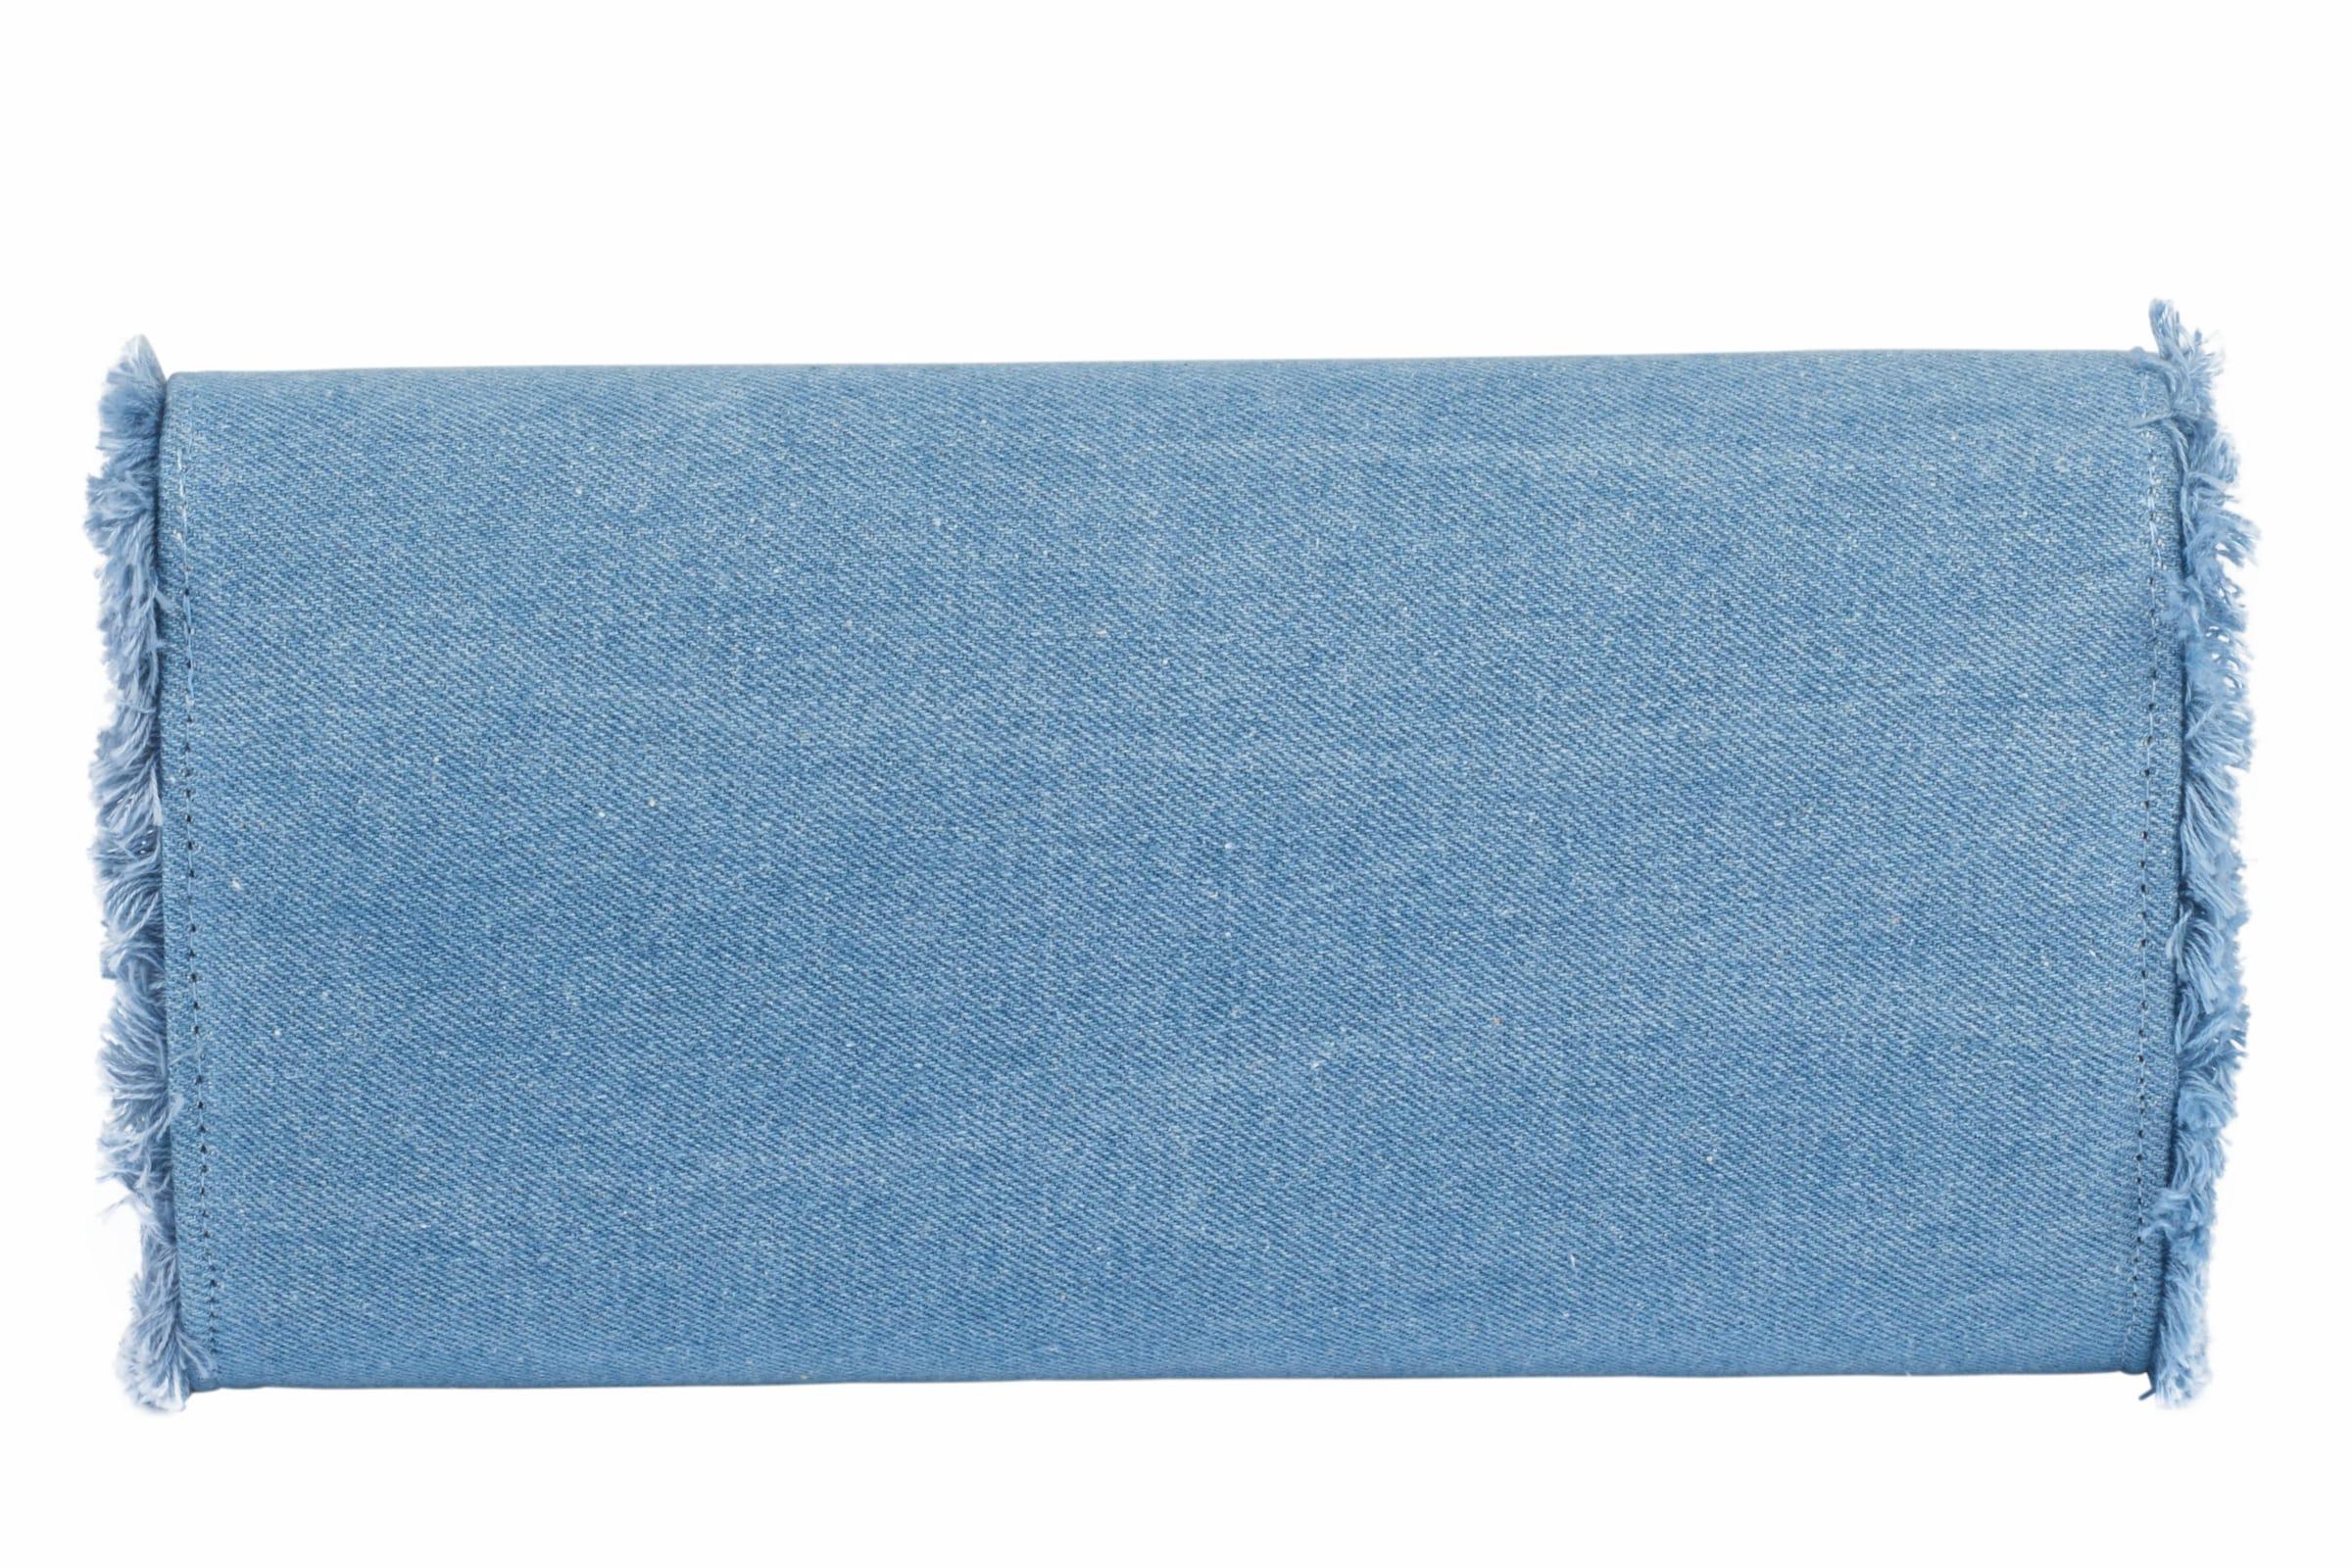 Werksverkauf COLLEZIONE ALESSANDRO Clutch mit Überschlag Steckdose Zuverlässig iaCFy2yWi